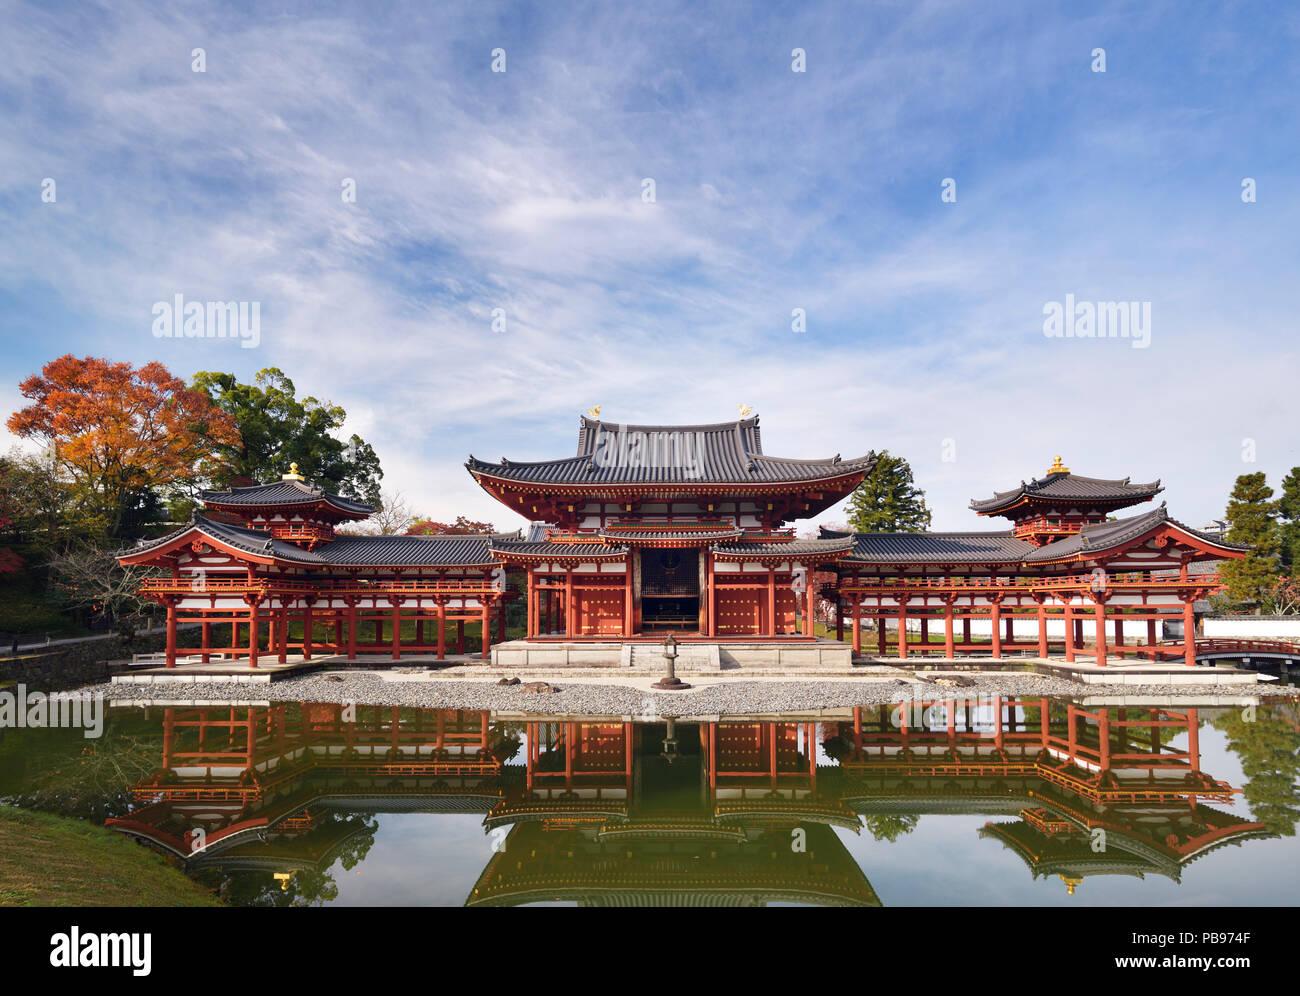 Bella Hall di Phoenix, Amida hall di Byodoin temple vista frontale, in piedi sotto il cielo blu su Kojima isola di Jodoshiki Teien laghetto in giardino su un luminoso s Immagini Stock